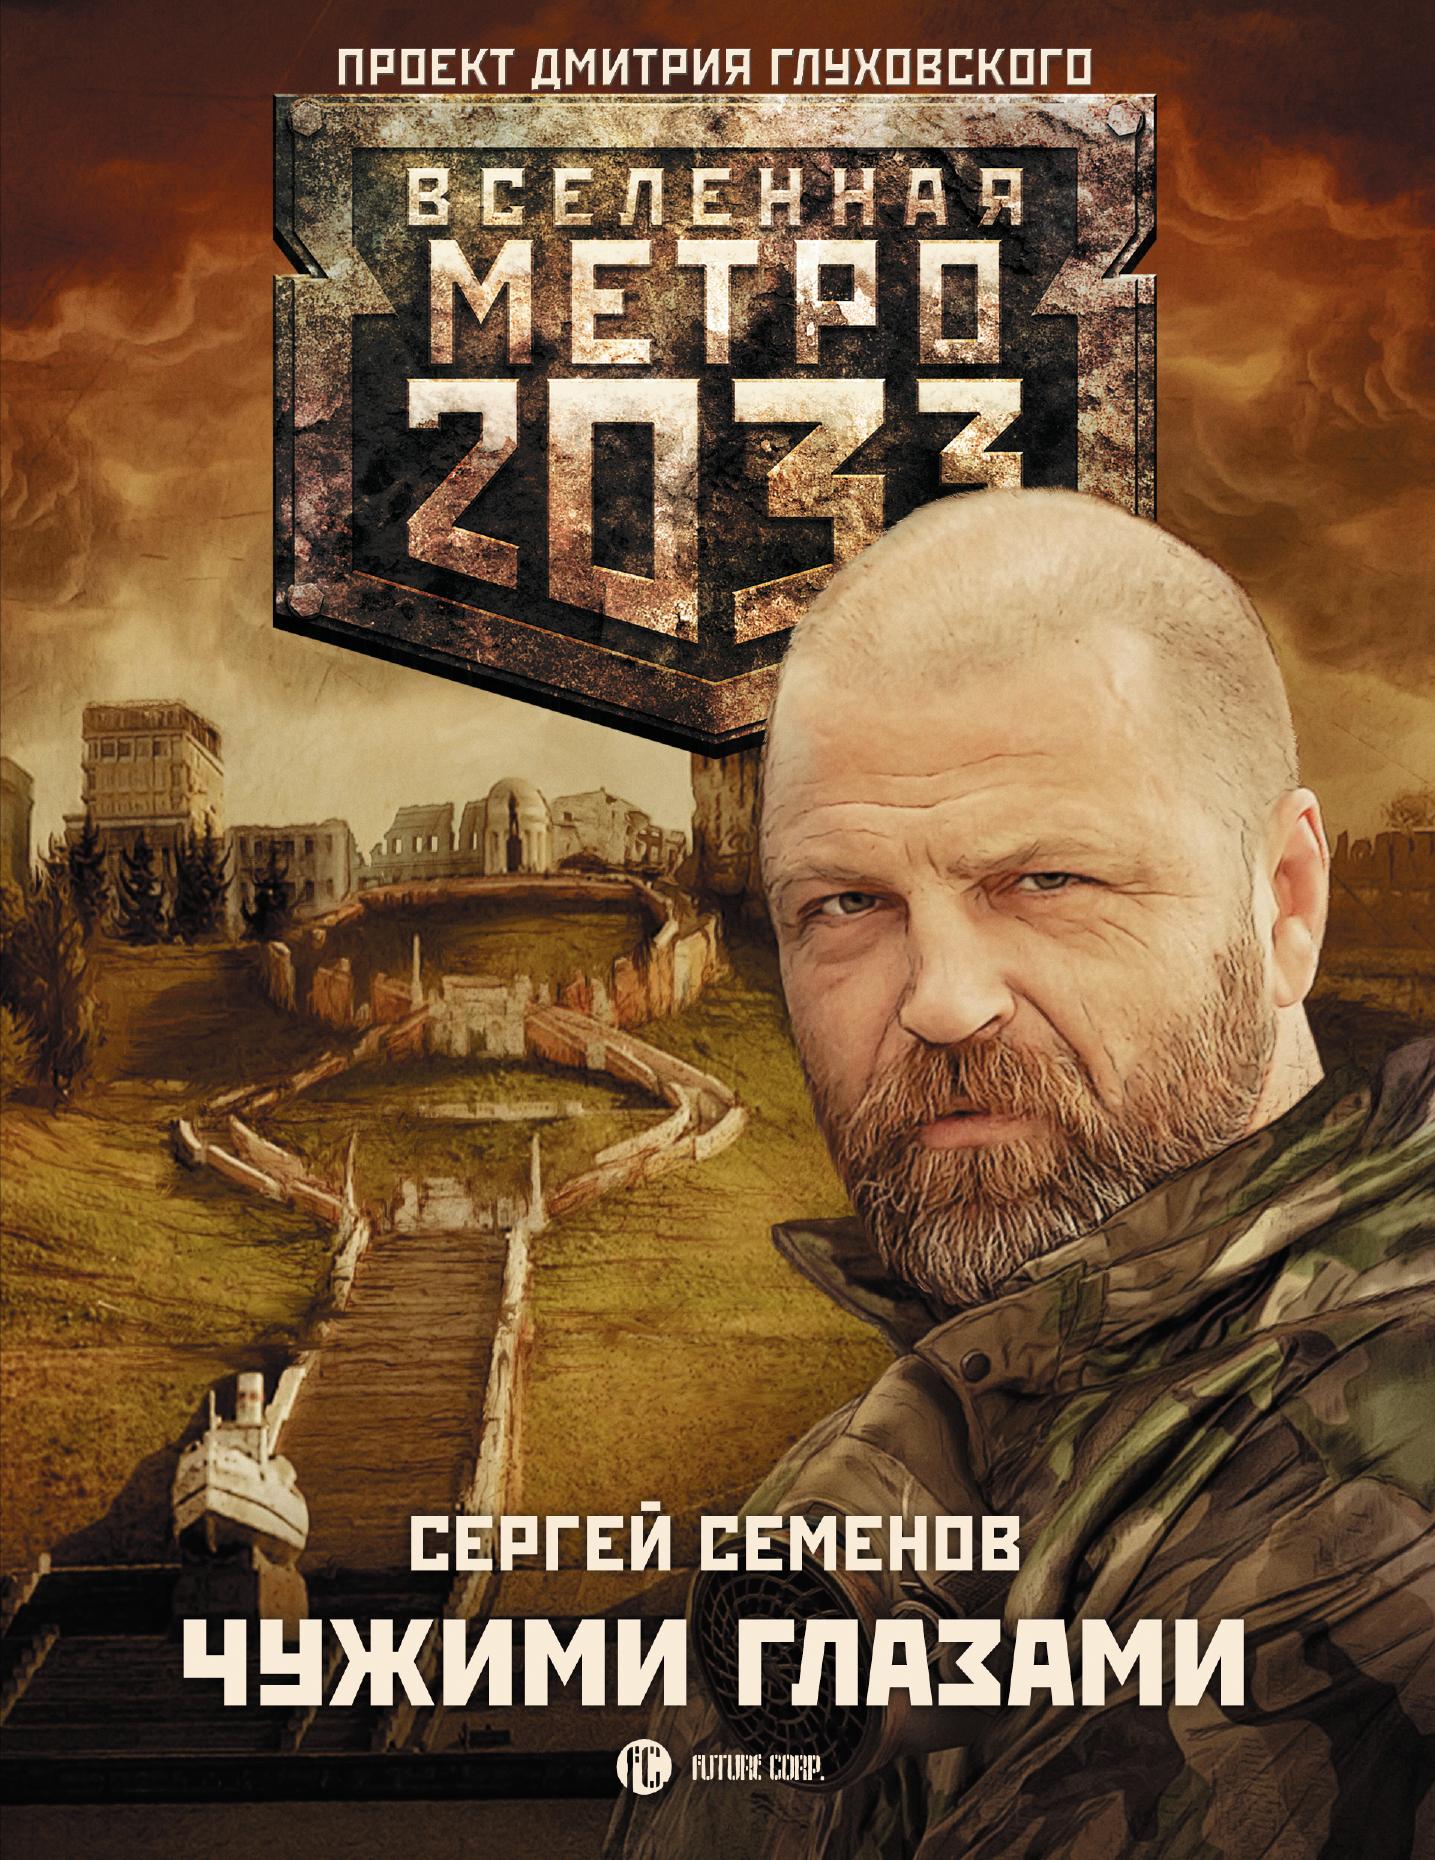 Семенов С.А. Метро 2033: Чужими глазами калашников тимофей метро 2033 изнанка мира